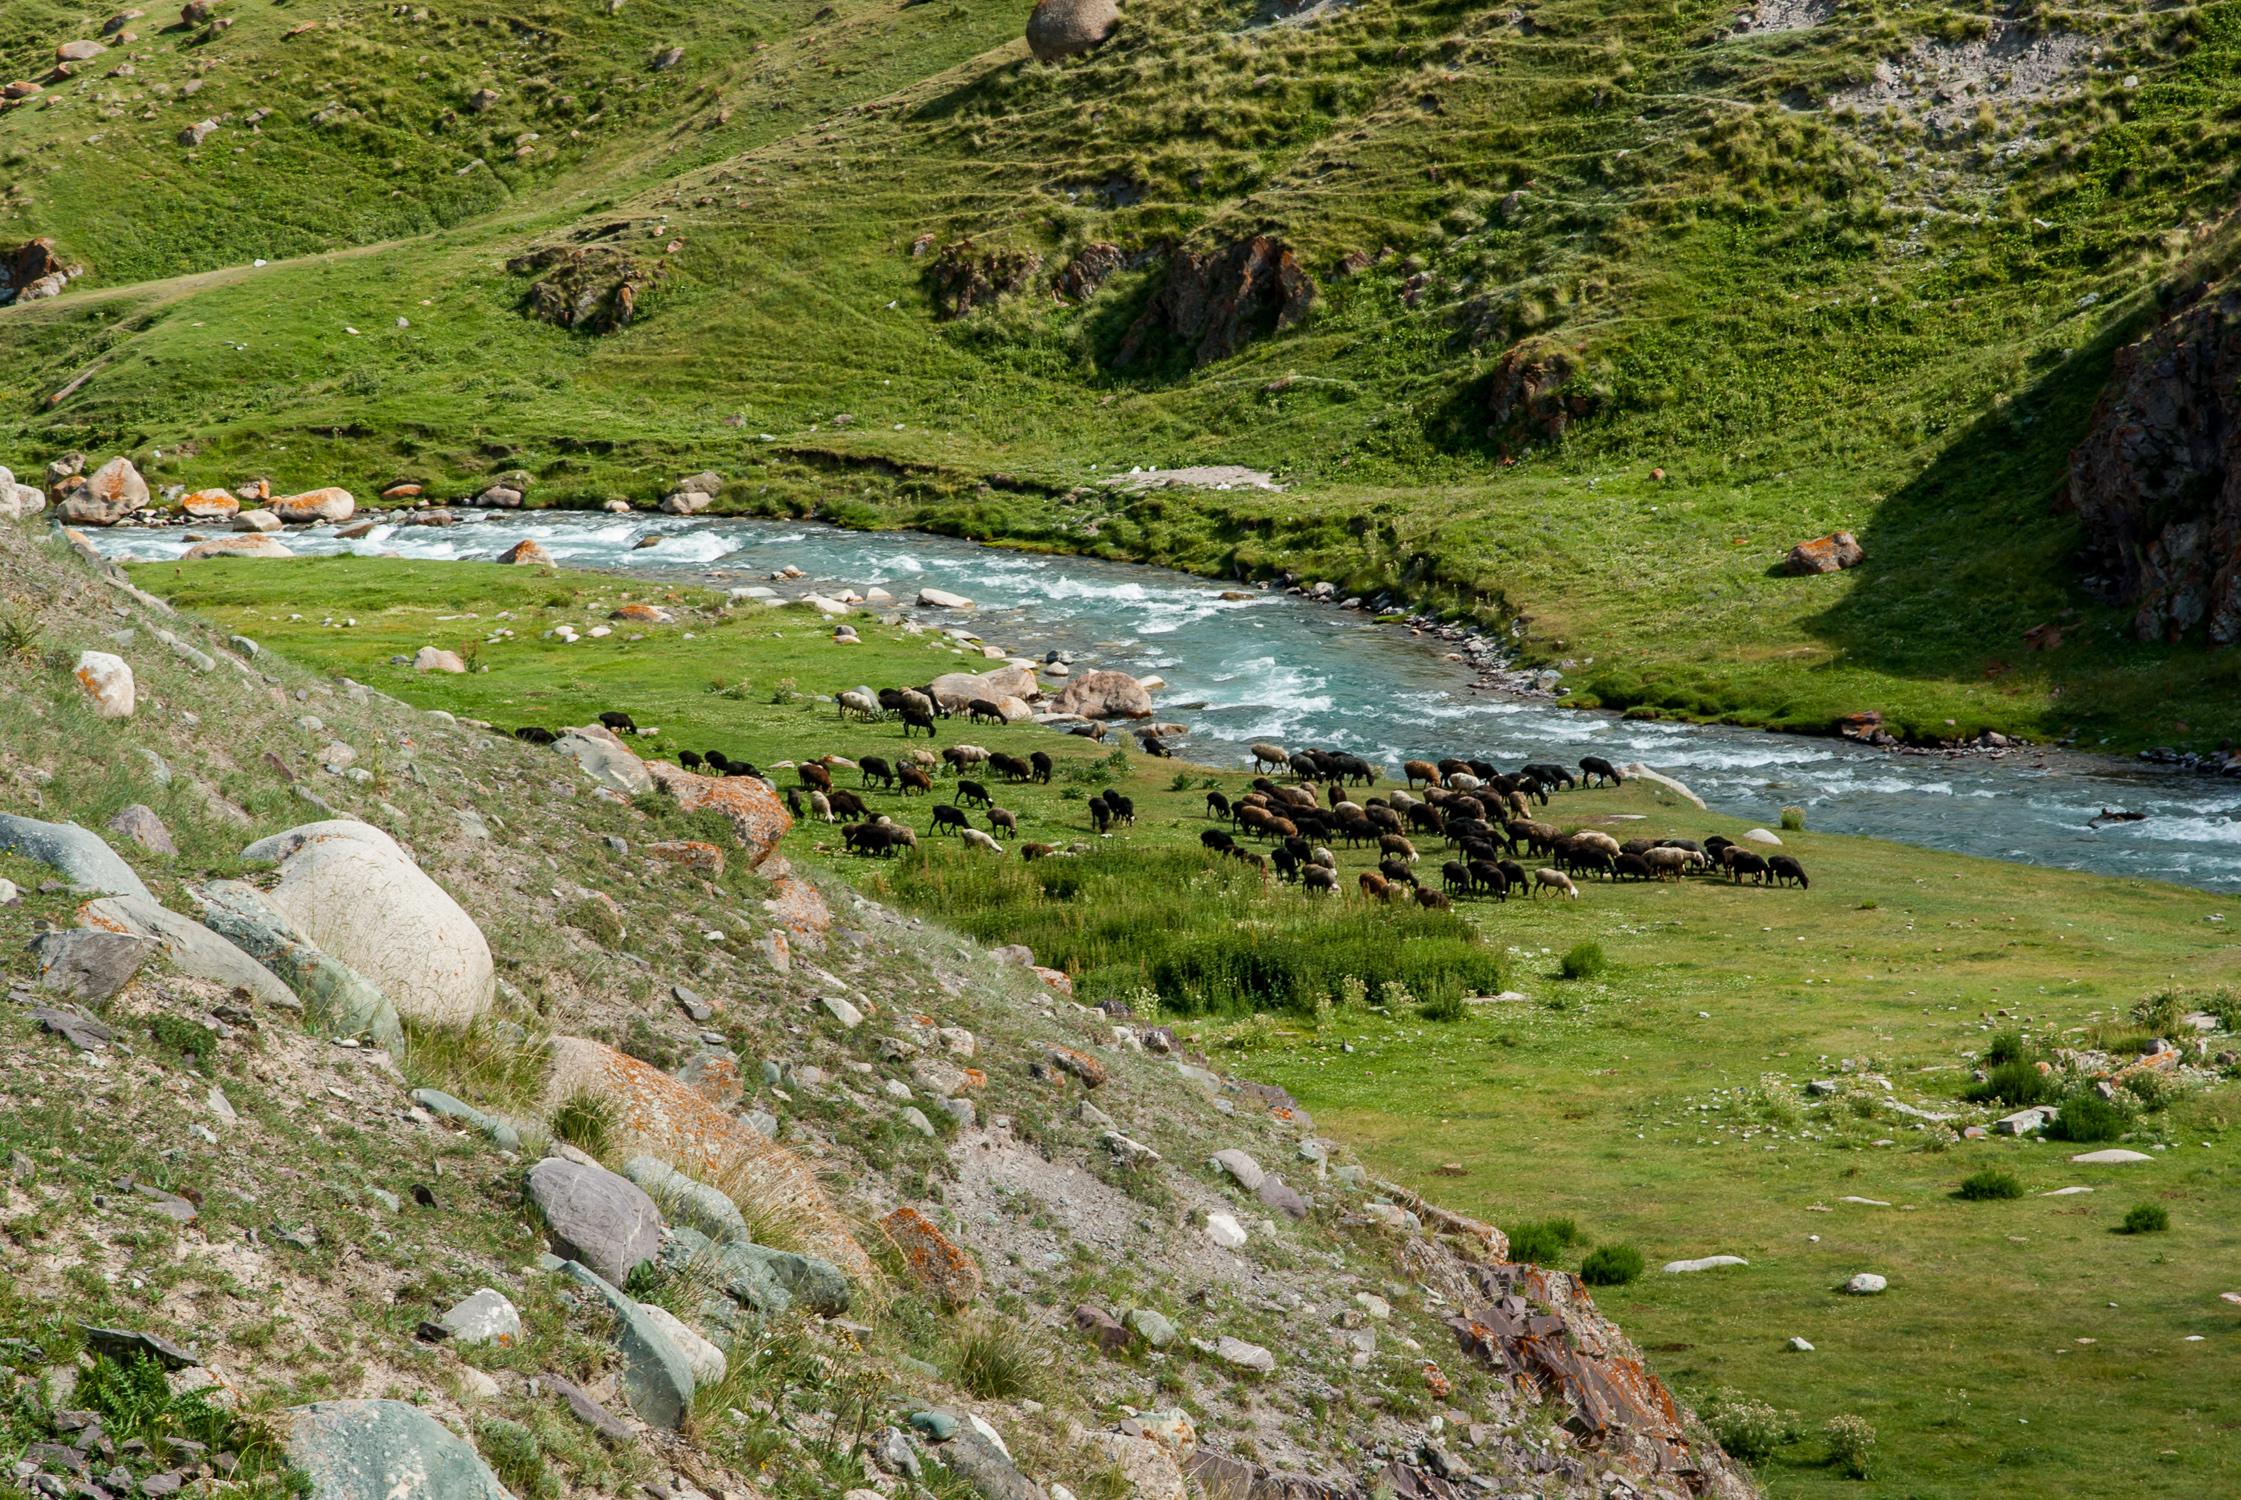 Пасущиеся в долине отары овец